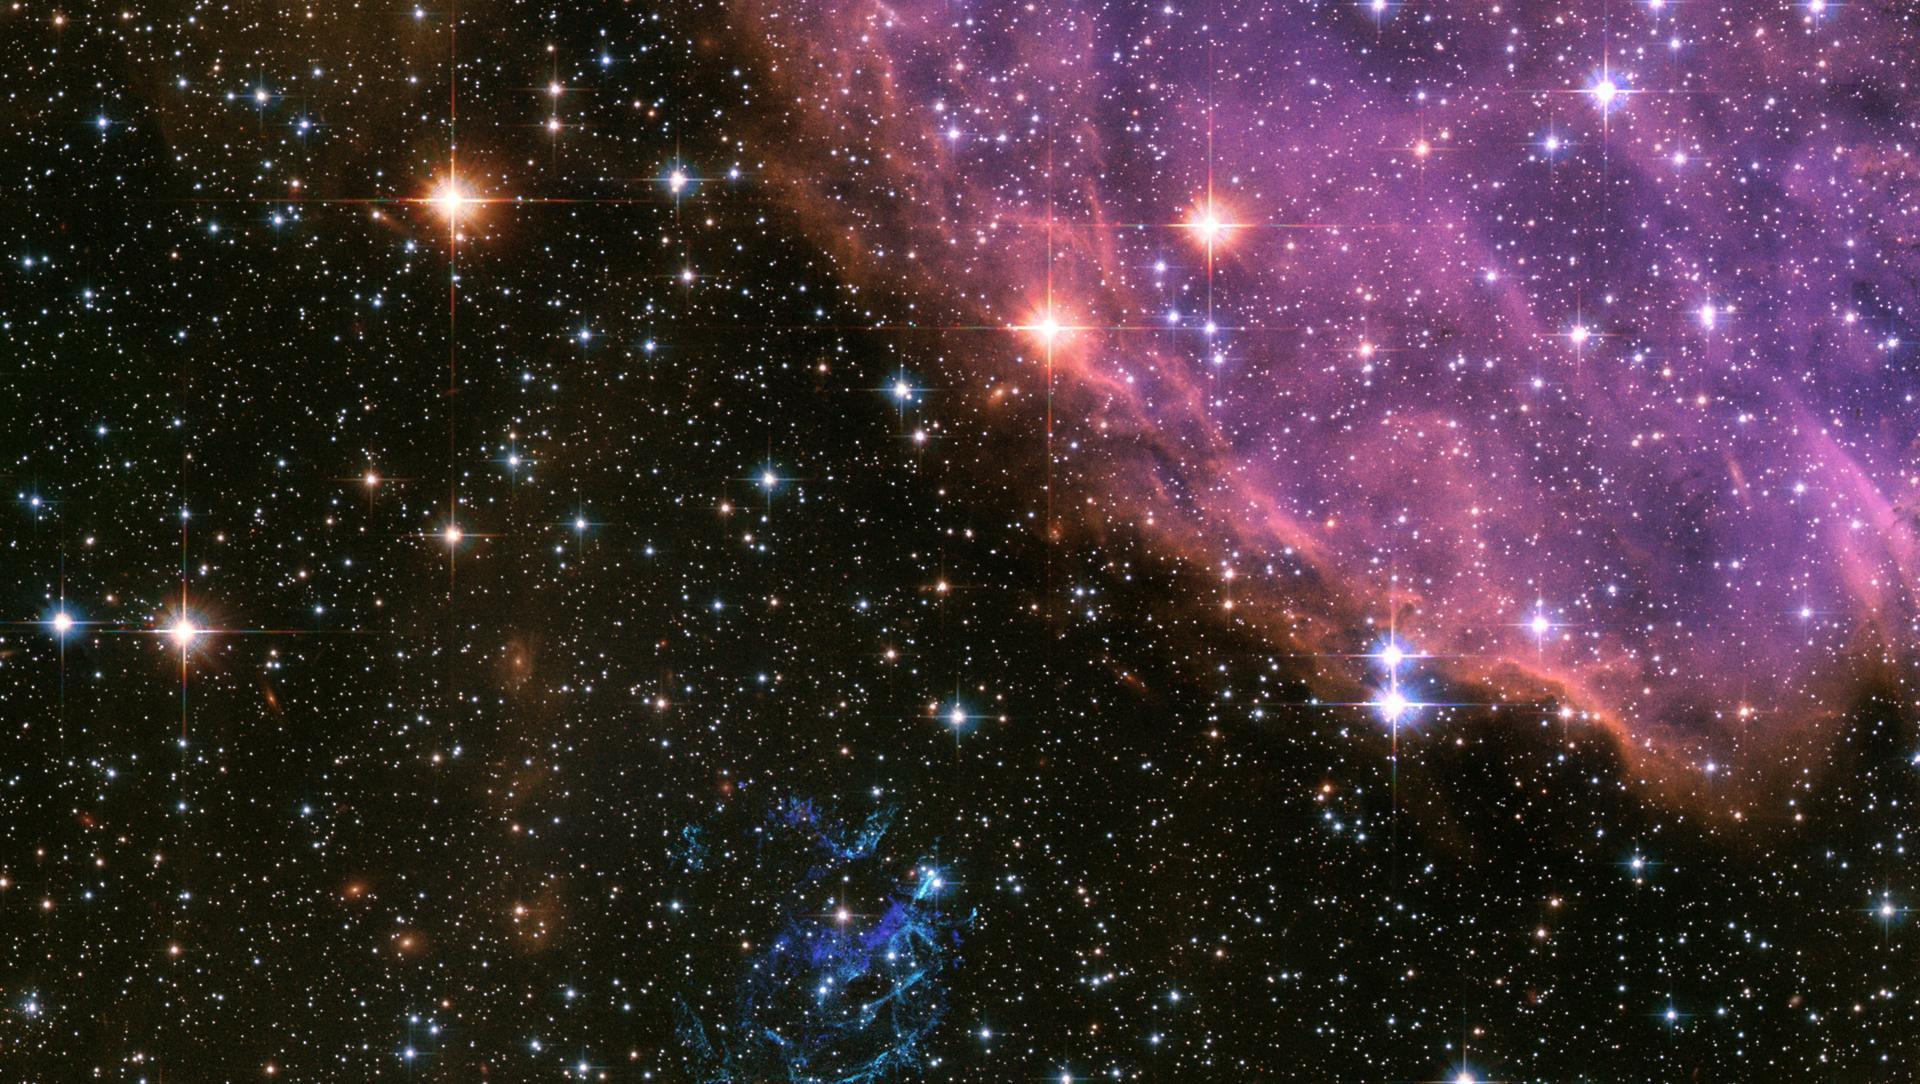 картинки с хорошим качеством космос